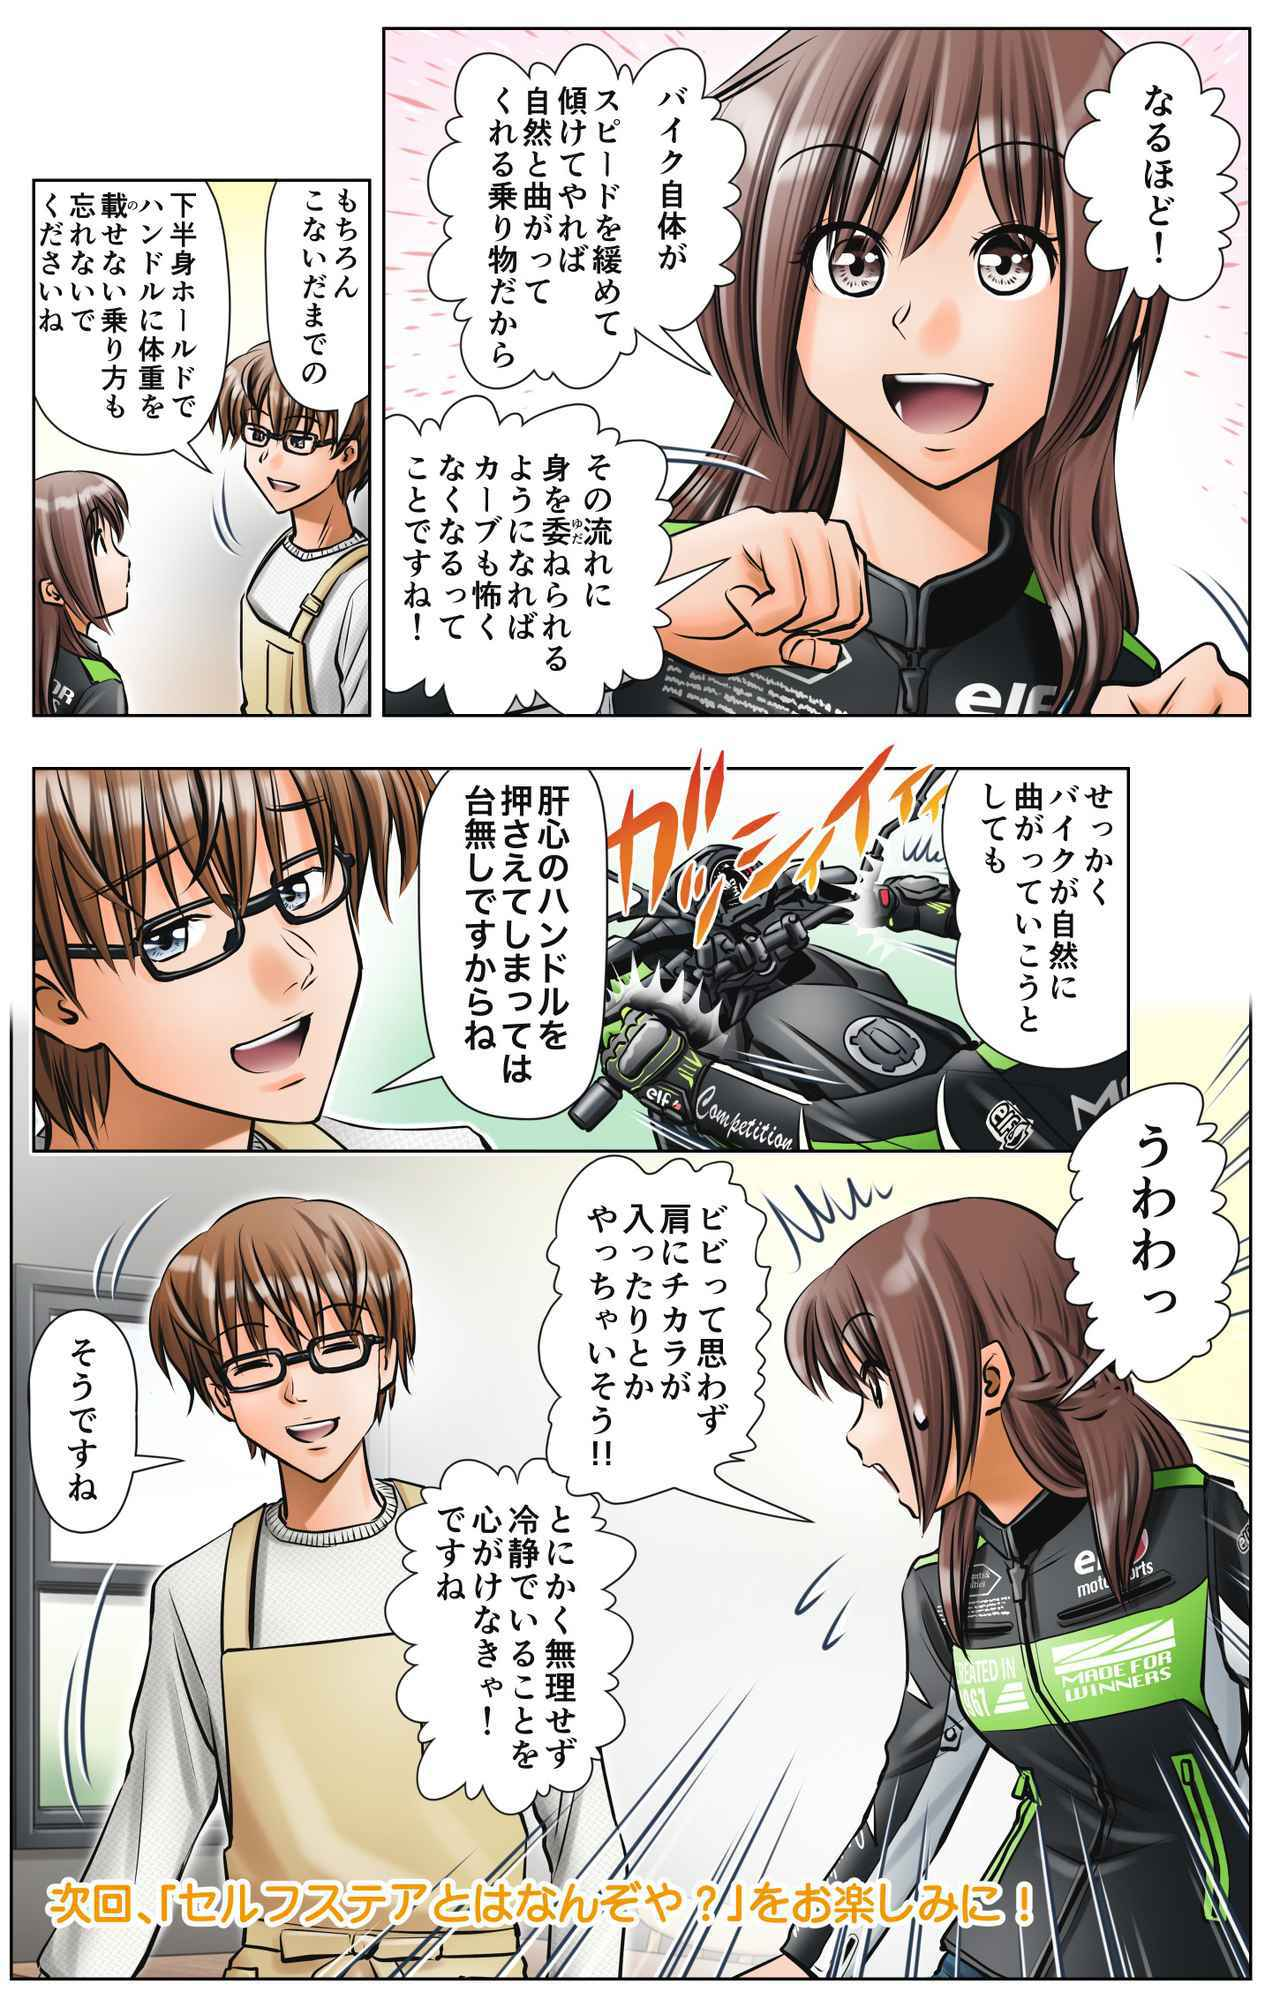 画像8: 第4話 バイクが傾いて曲がる理由/ゆる~くライテク談義『モトシーカーズ・カフェへようこそ!』